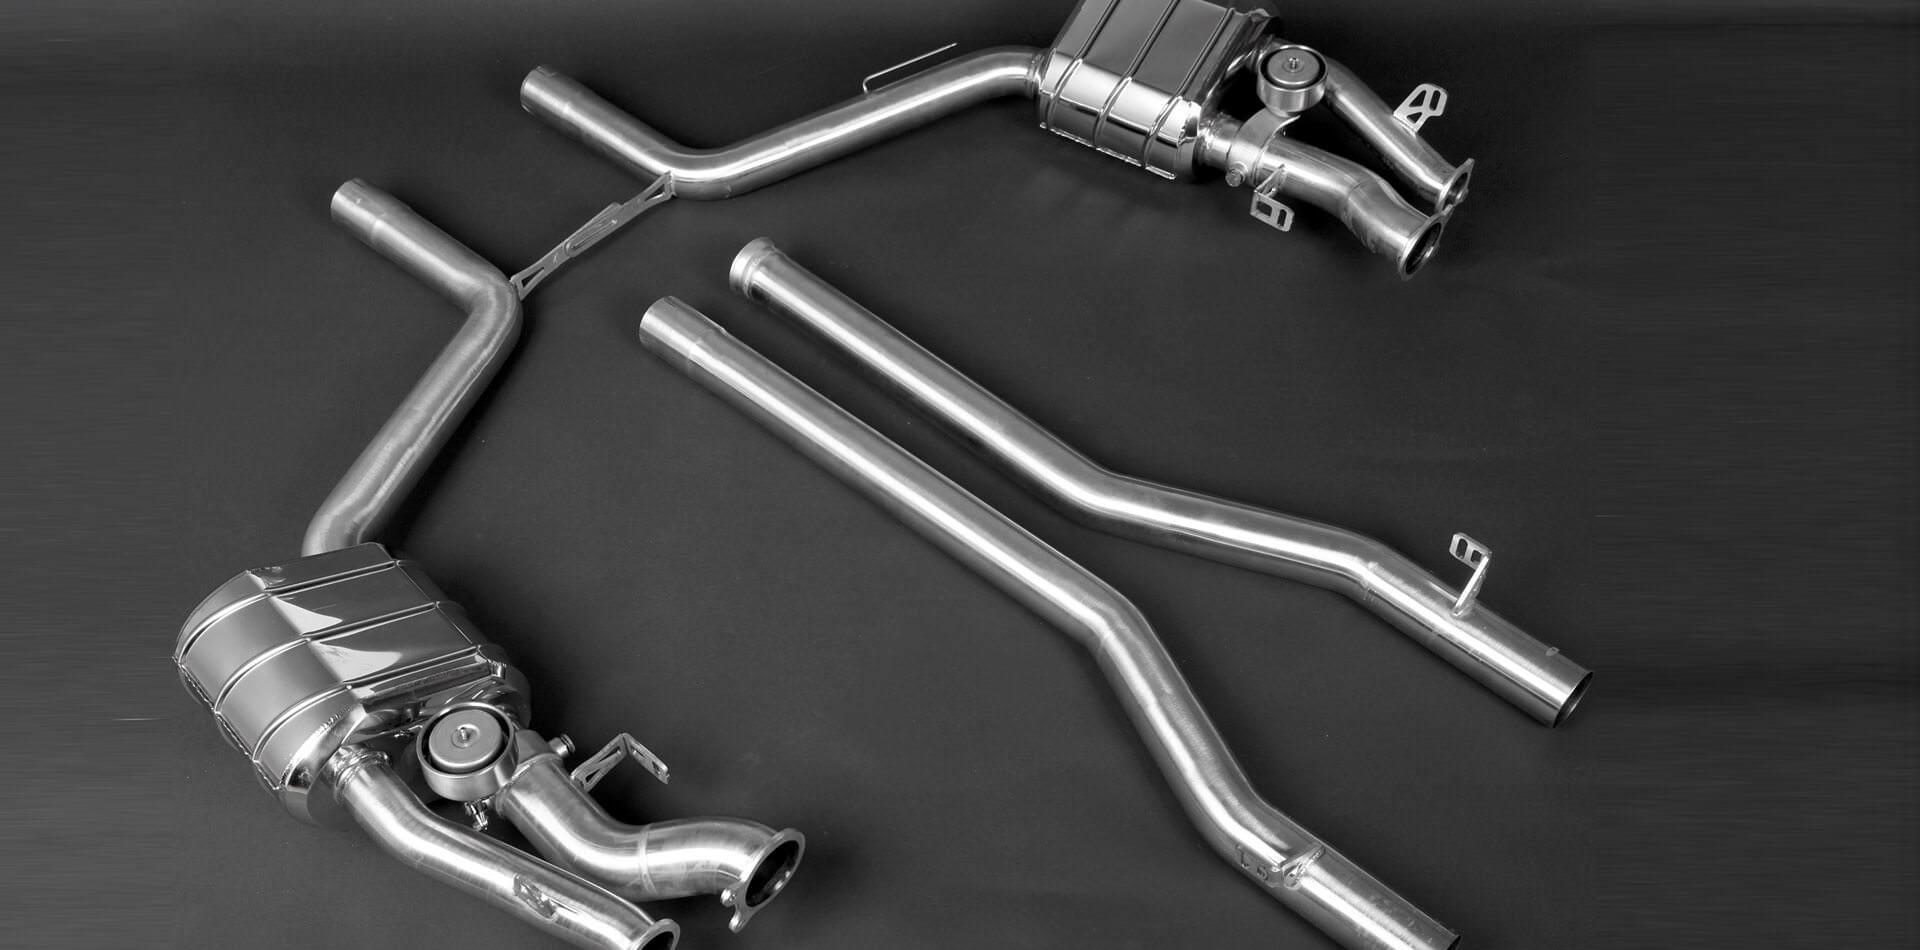 AUSPUFFANLAGE MIT KLAPPENSTEUERUNG für Mercedes CLS63 AMG Bi-Turbo